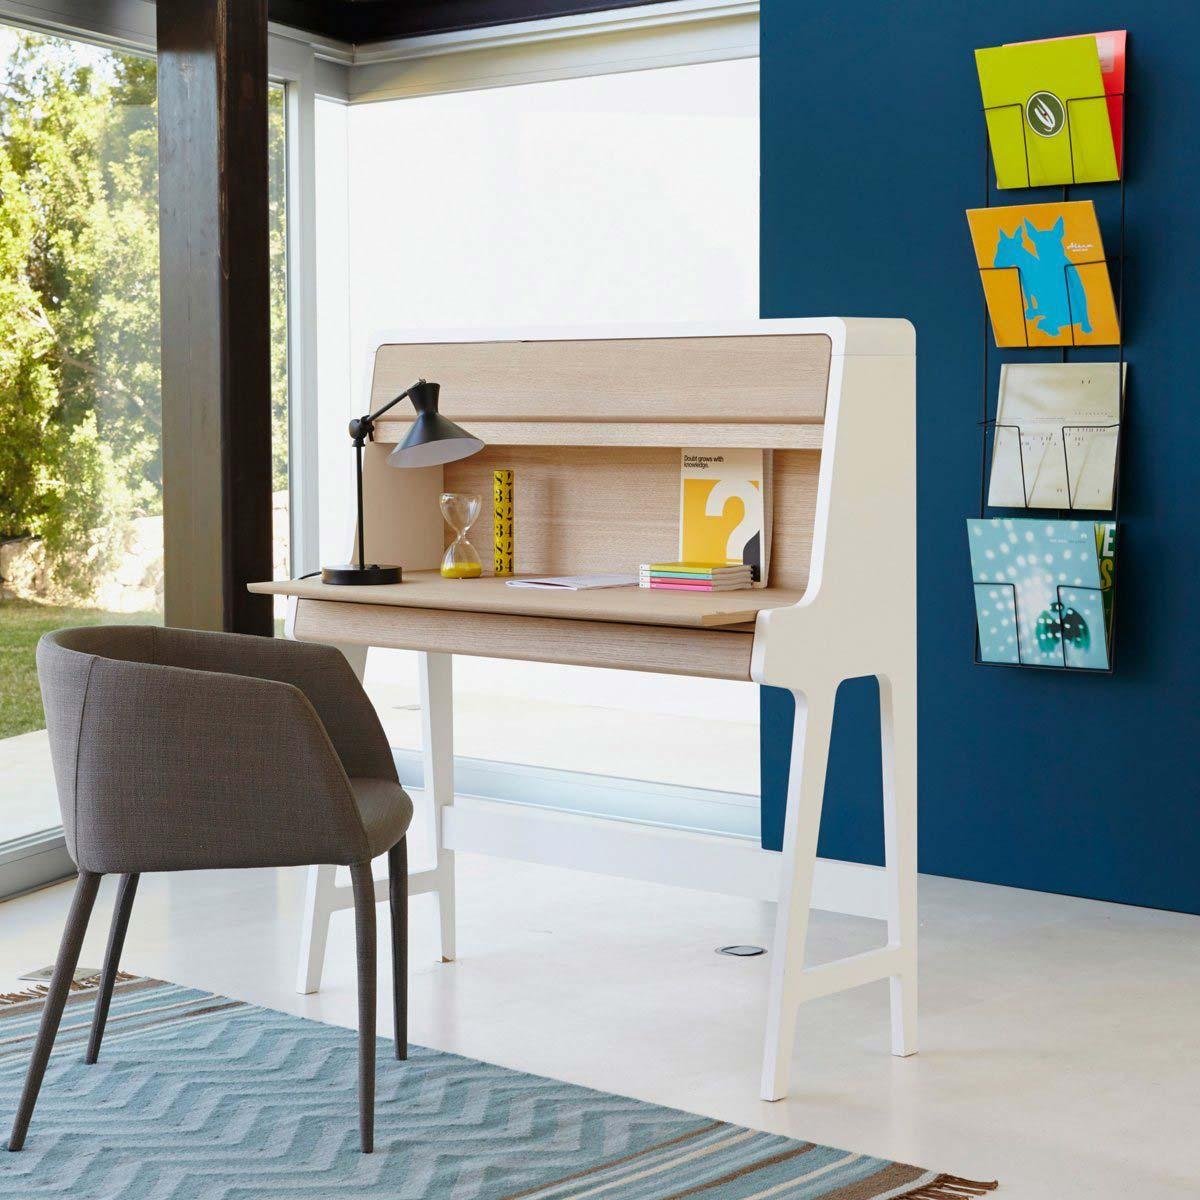 porte vinyles mural par la redoute. Black Bedroom Furniture Sets. Home Design Ideas